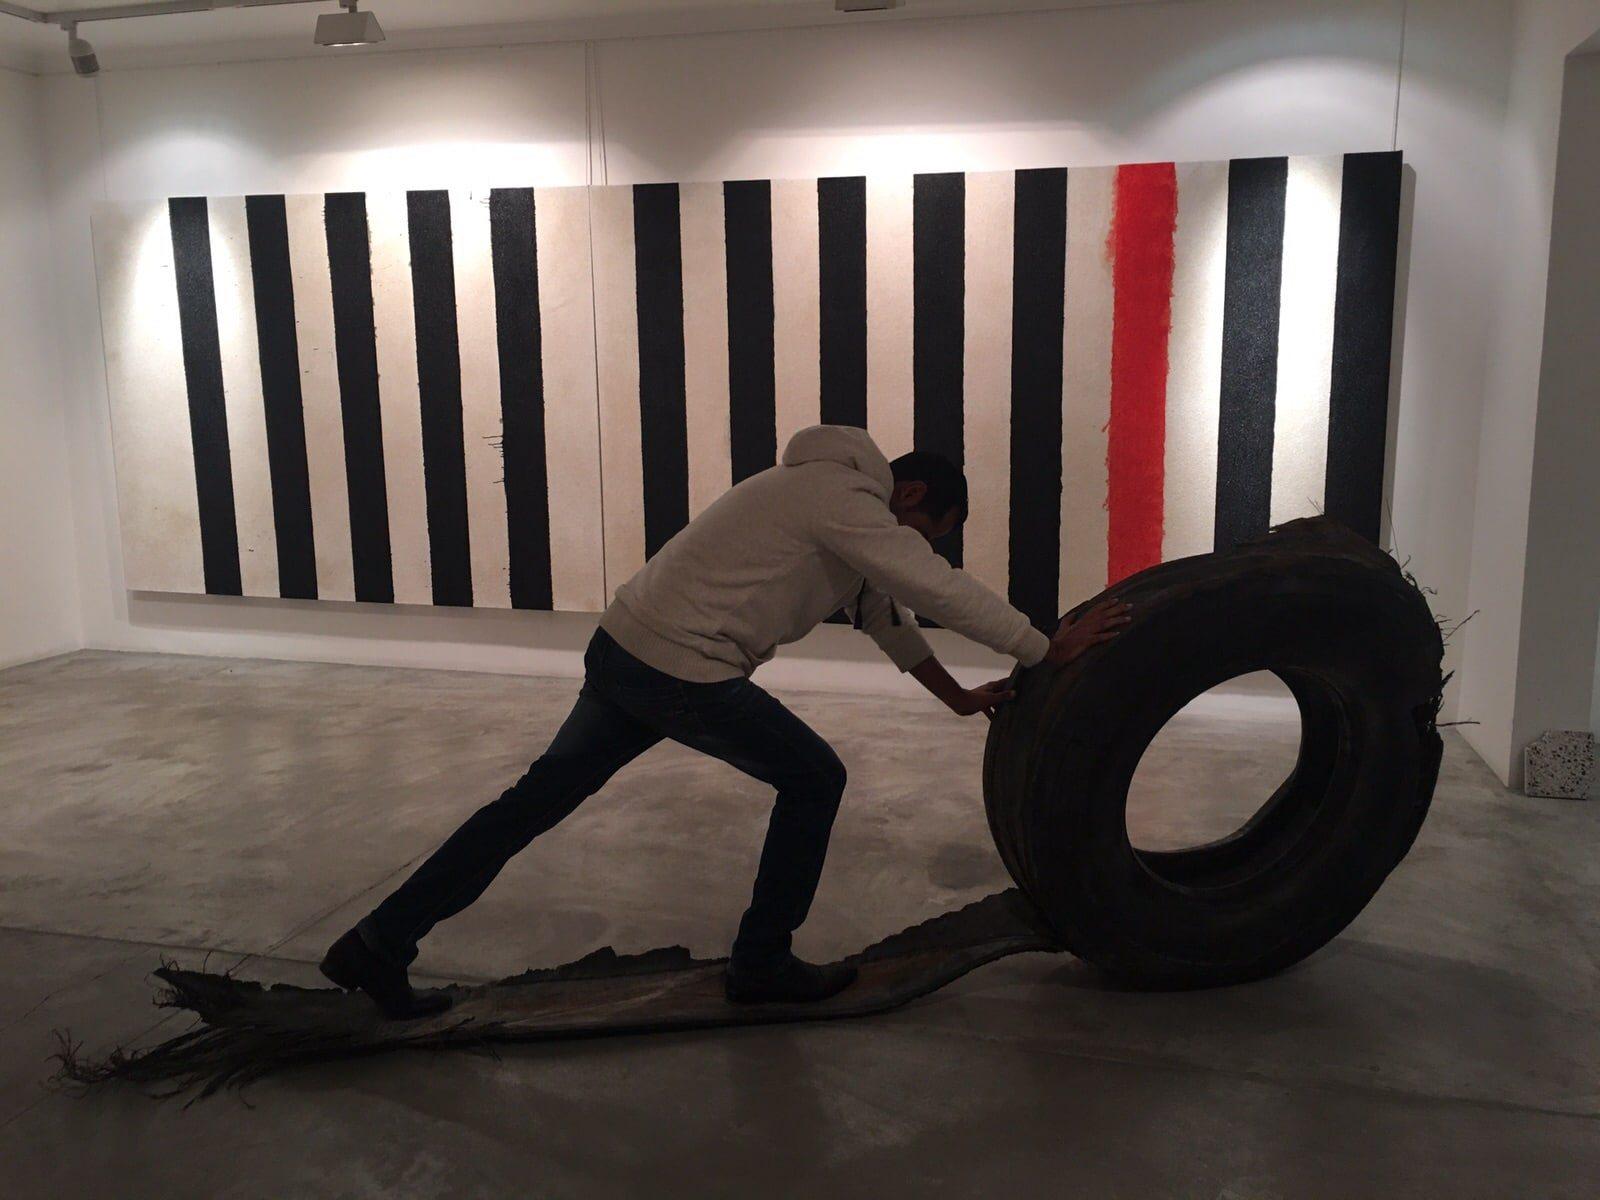 فعاليات ومعارض الفنون فى البحرين 2018